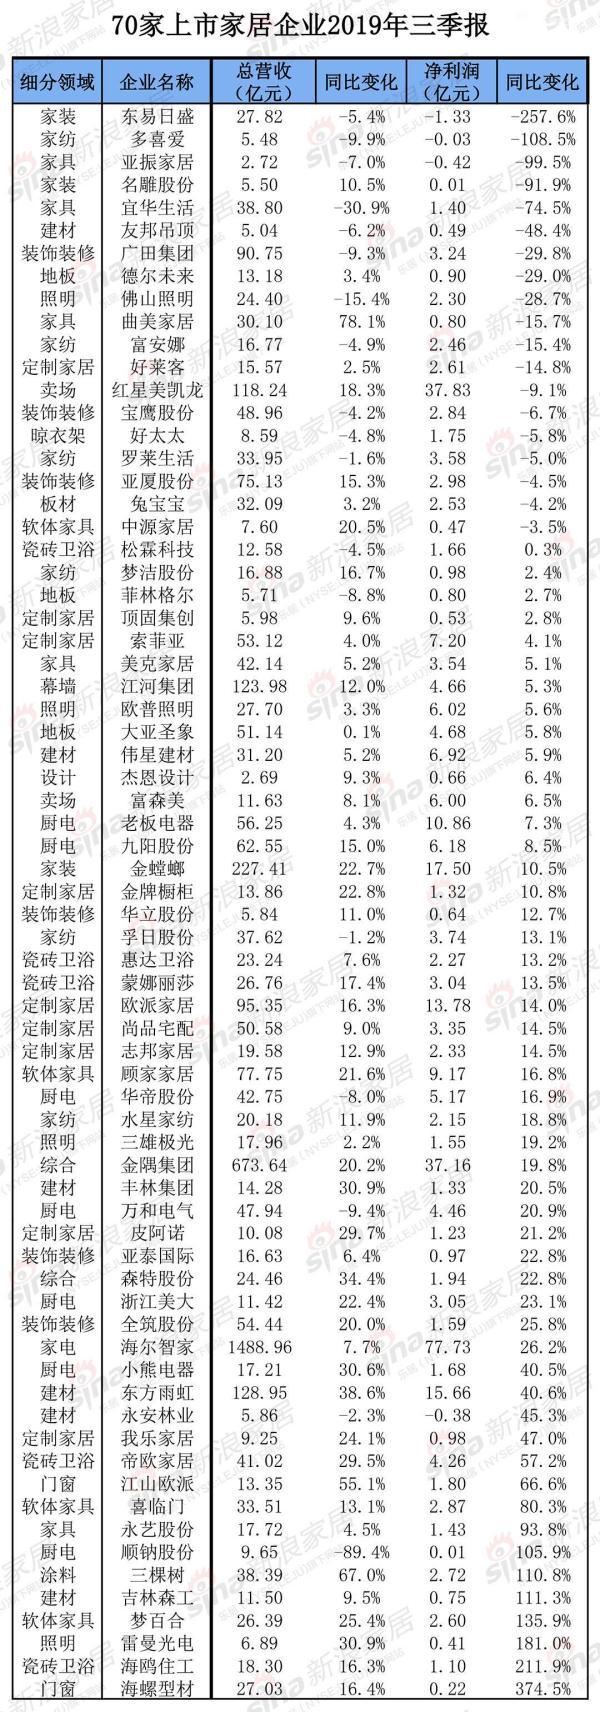 2019年三季度财报:九大定制企业仅好莱客一家利润负增长